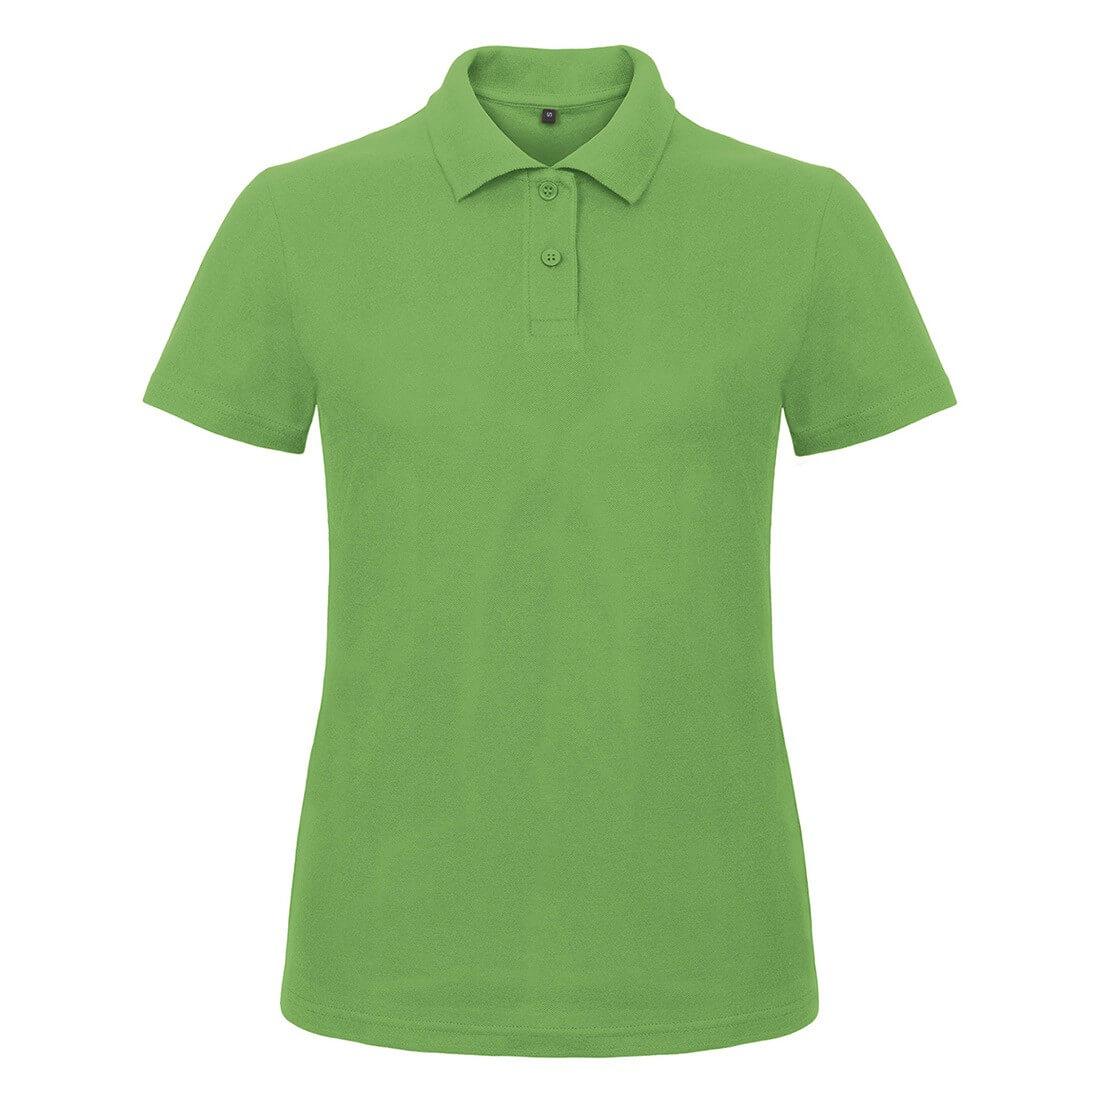 Tricou Polo Piqué damă - Imbracaminte de protectie